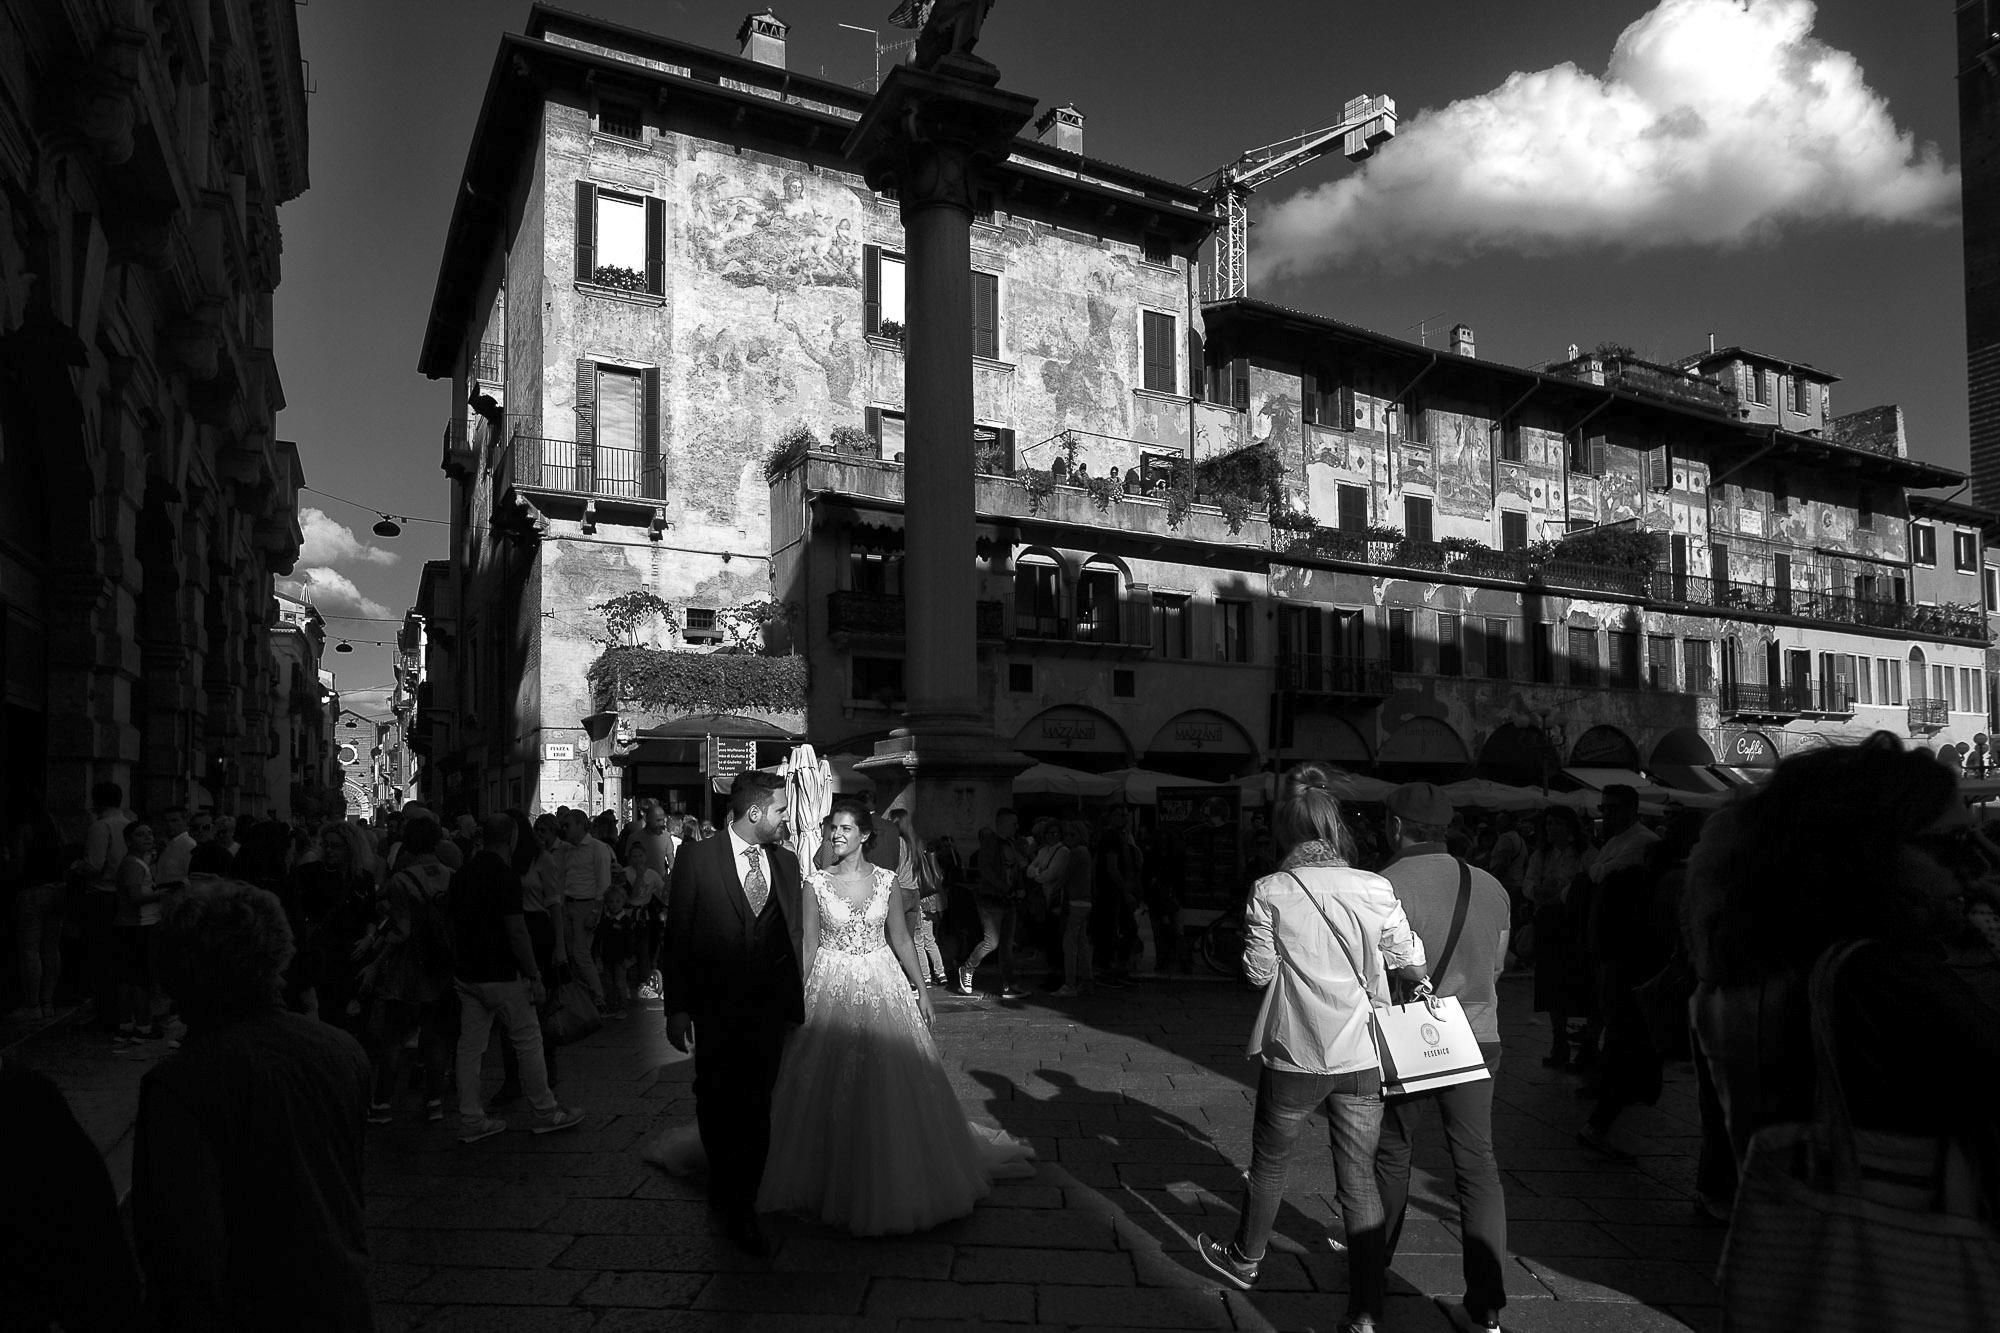 Servizio di matrimonio a Verona. Street Wedding Photography i professionisti della fotografia di strada